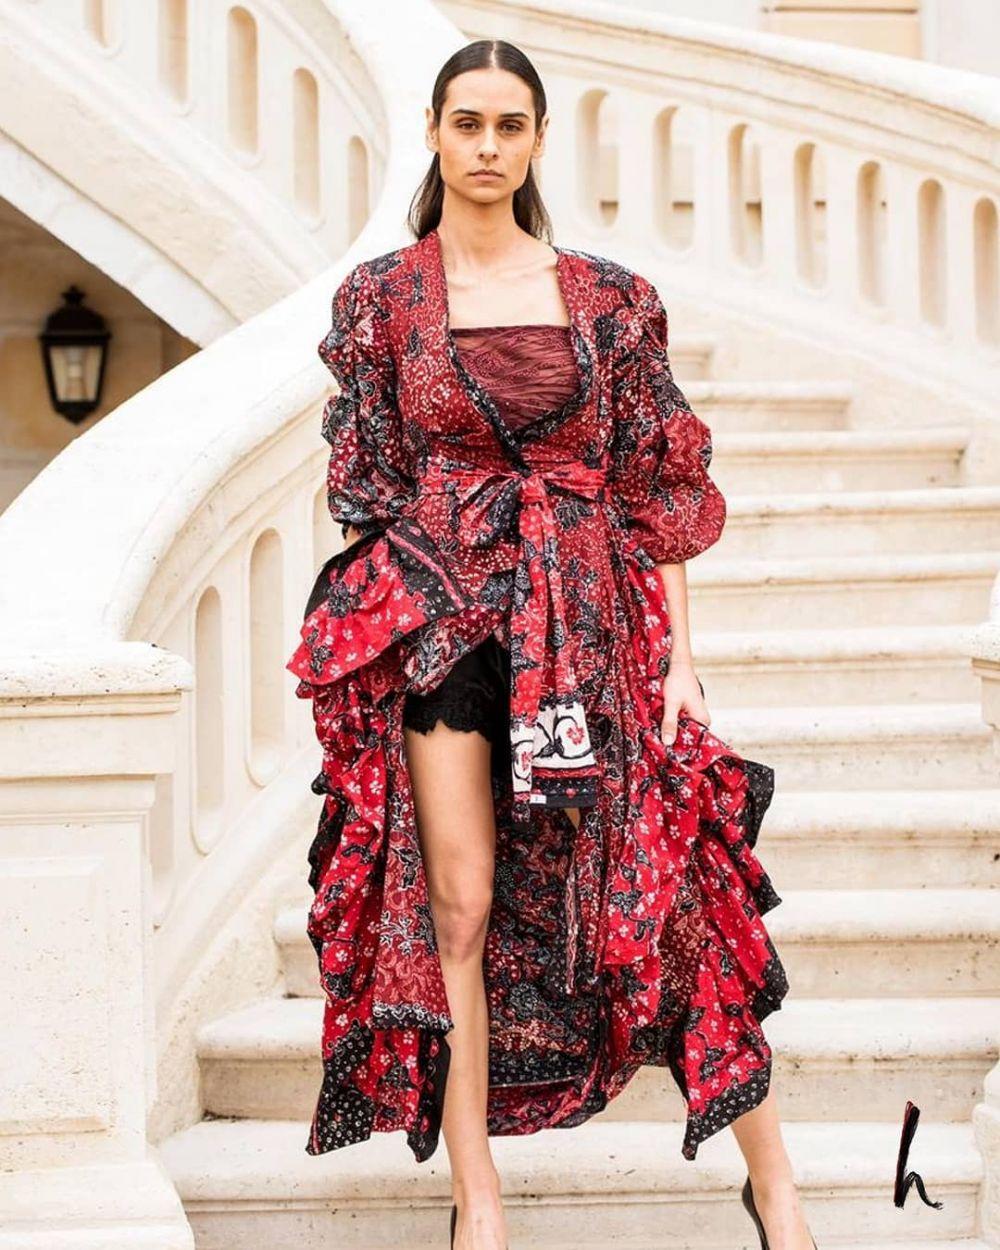 Potret outfit batik khas Lasem © 2020 brilio.net